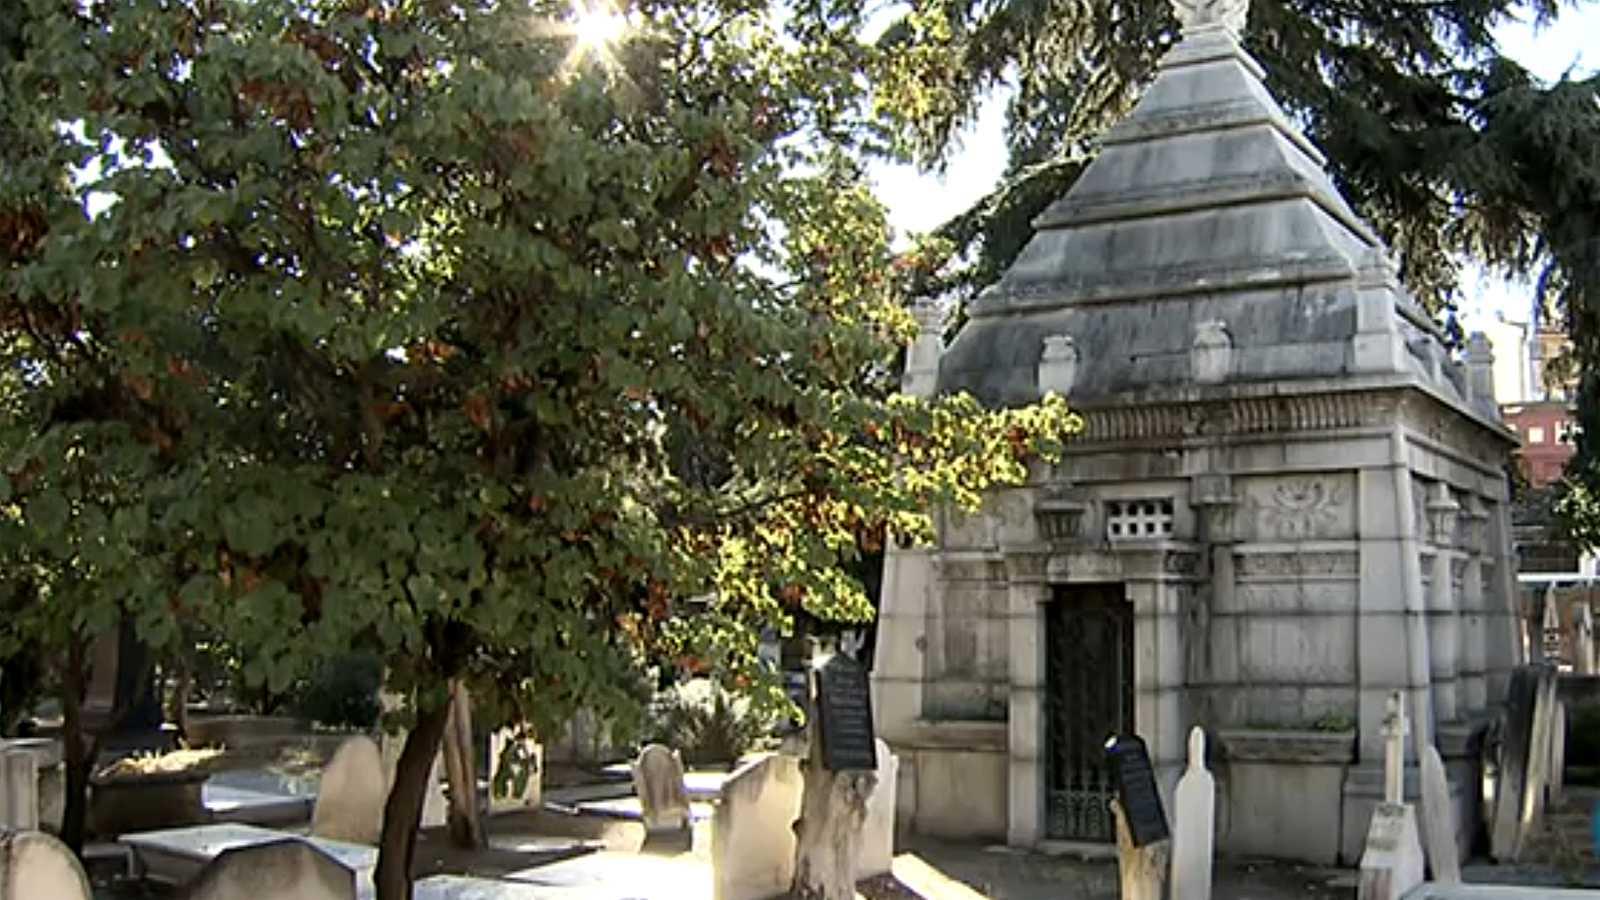 En clave Turismo - Cementerios, destinos turísticos en España - 02/11/20 - escuchar ahora